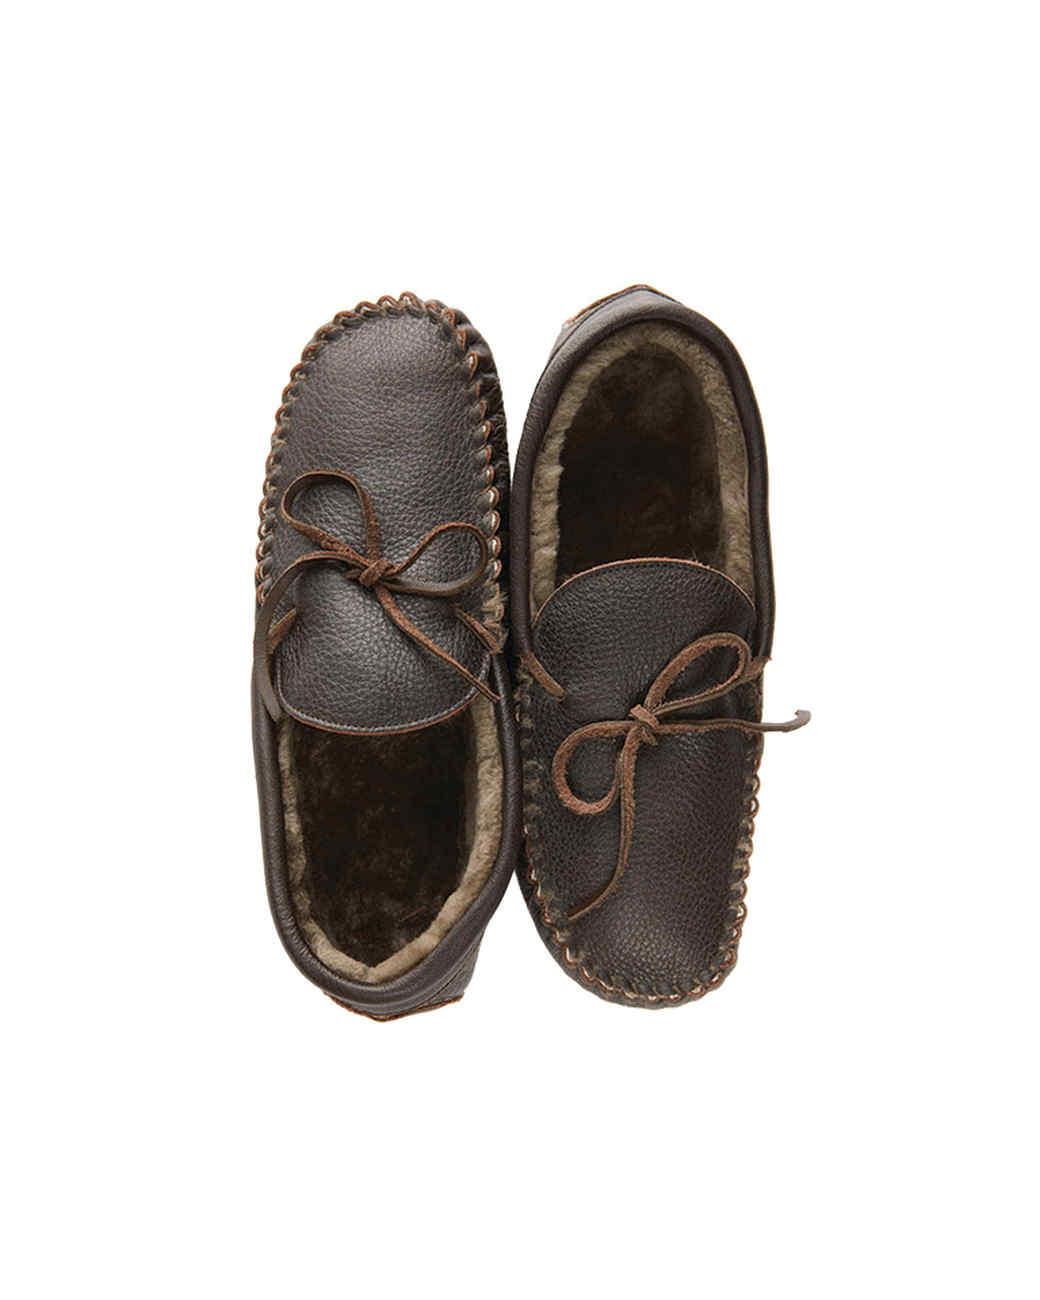 mld106811_0211_shoes1.jpg